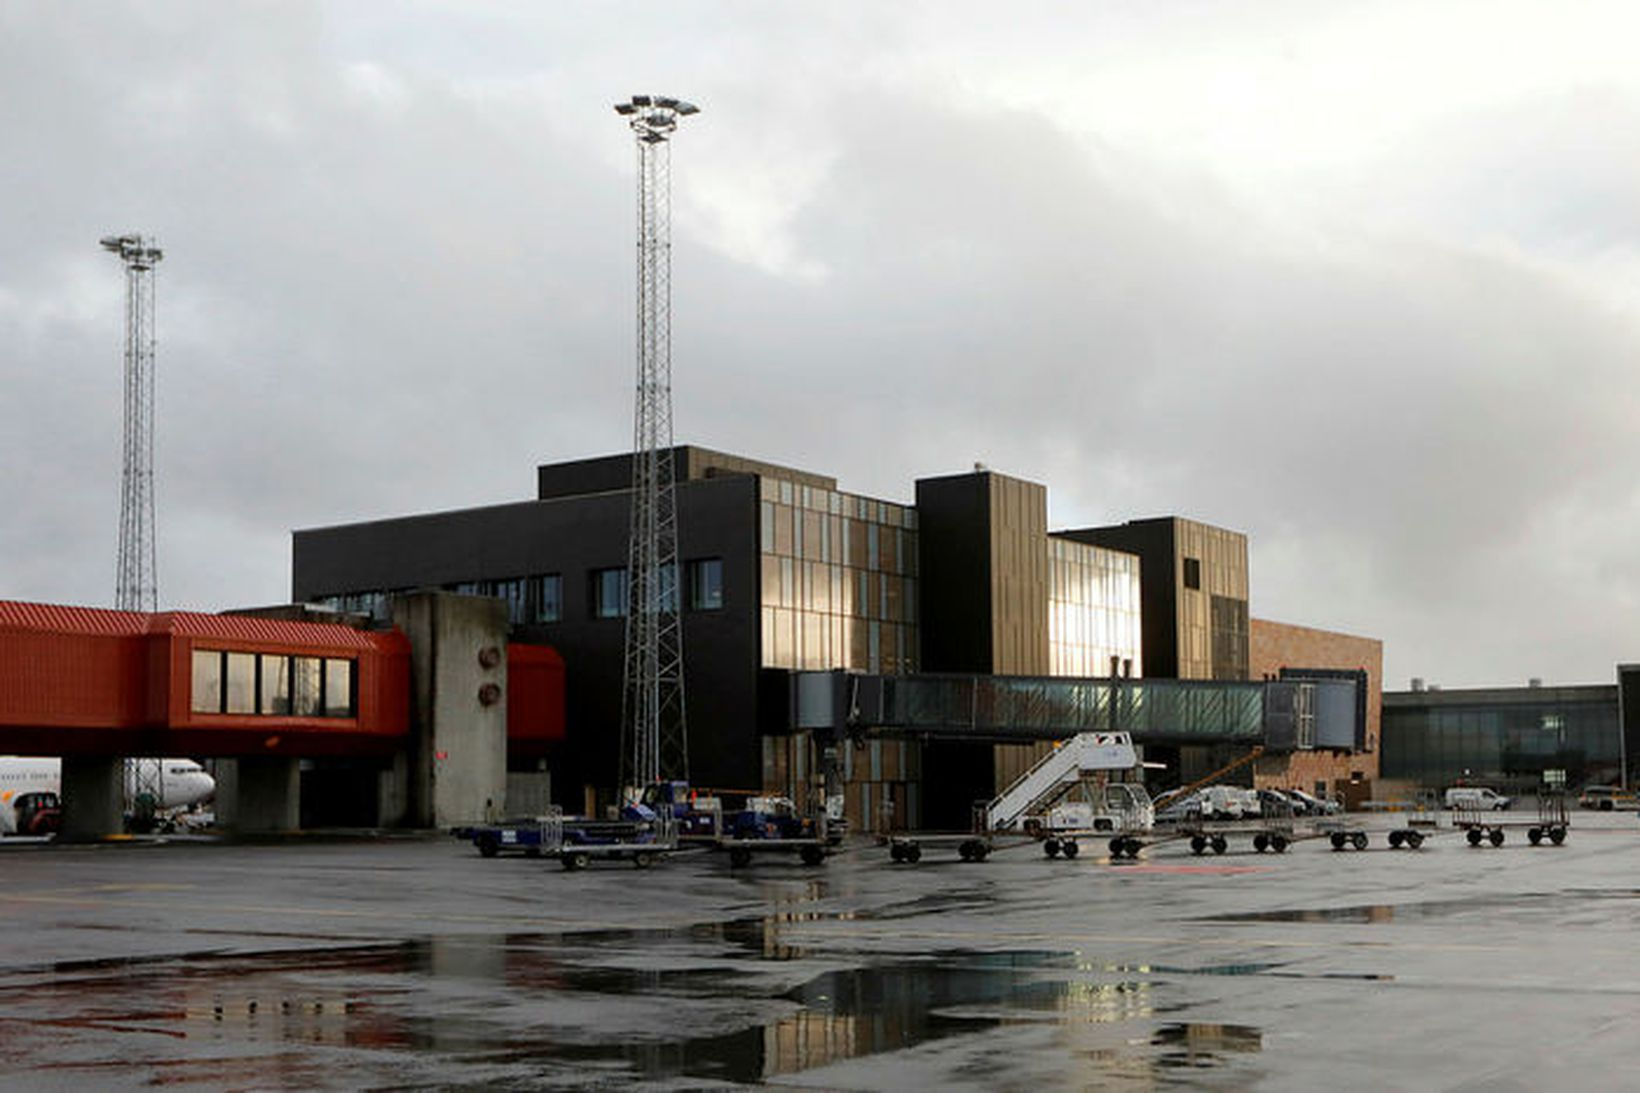 Flugstöð Leifs Eiríkssonar.